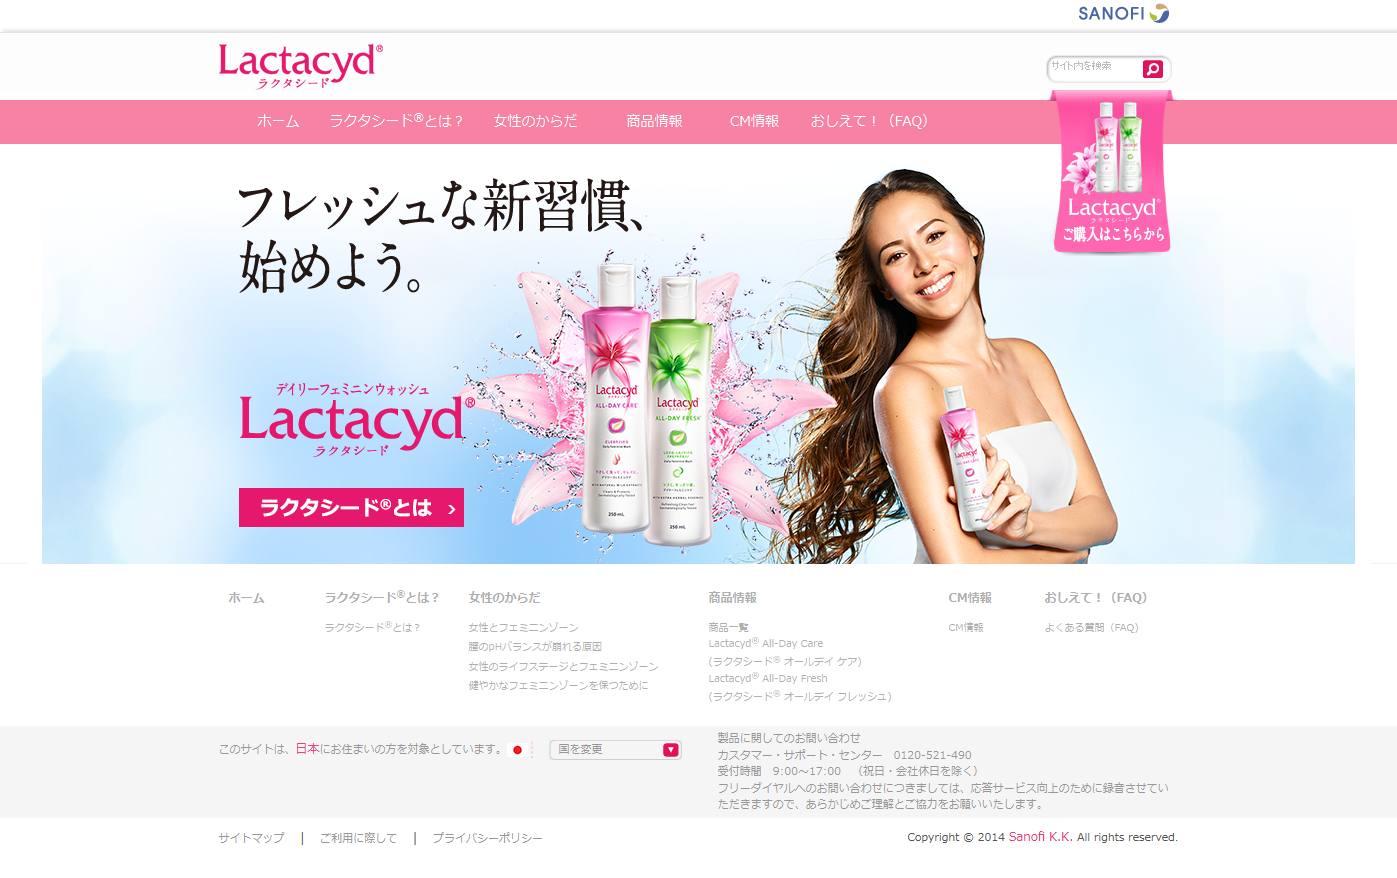 ラクタシード (Lactacyd)  女性のフェミニンゾーンのお手入れフェミニンウォッシュ